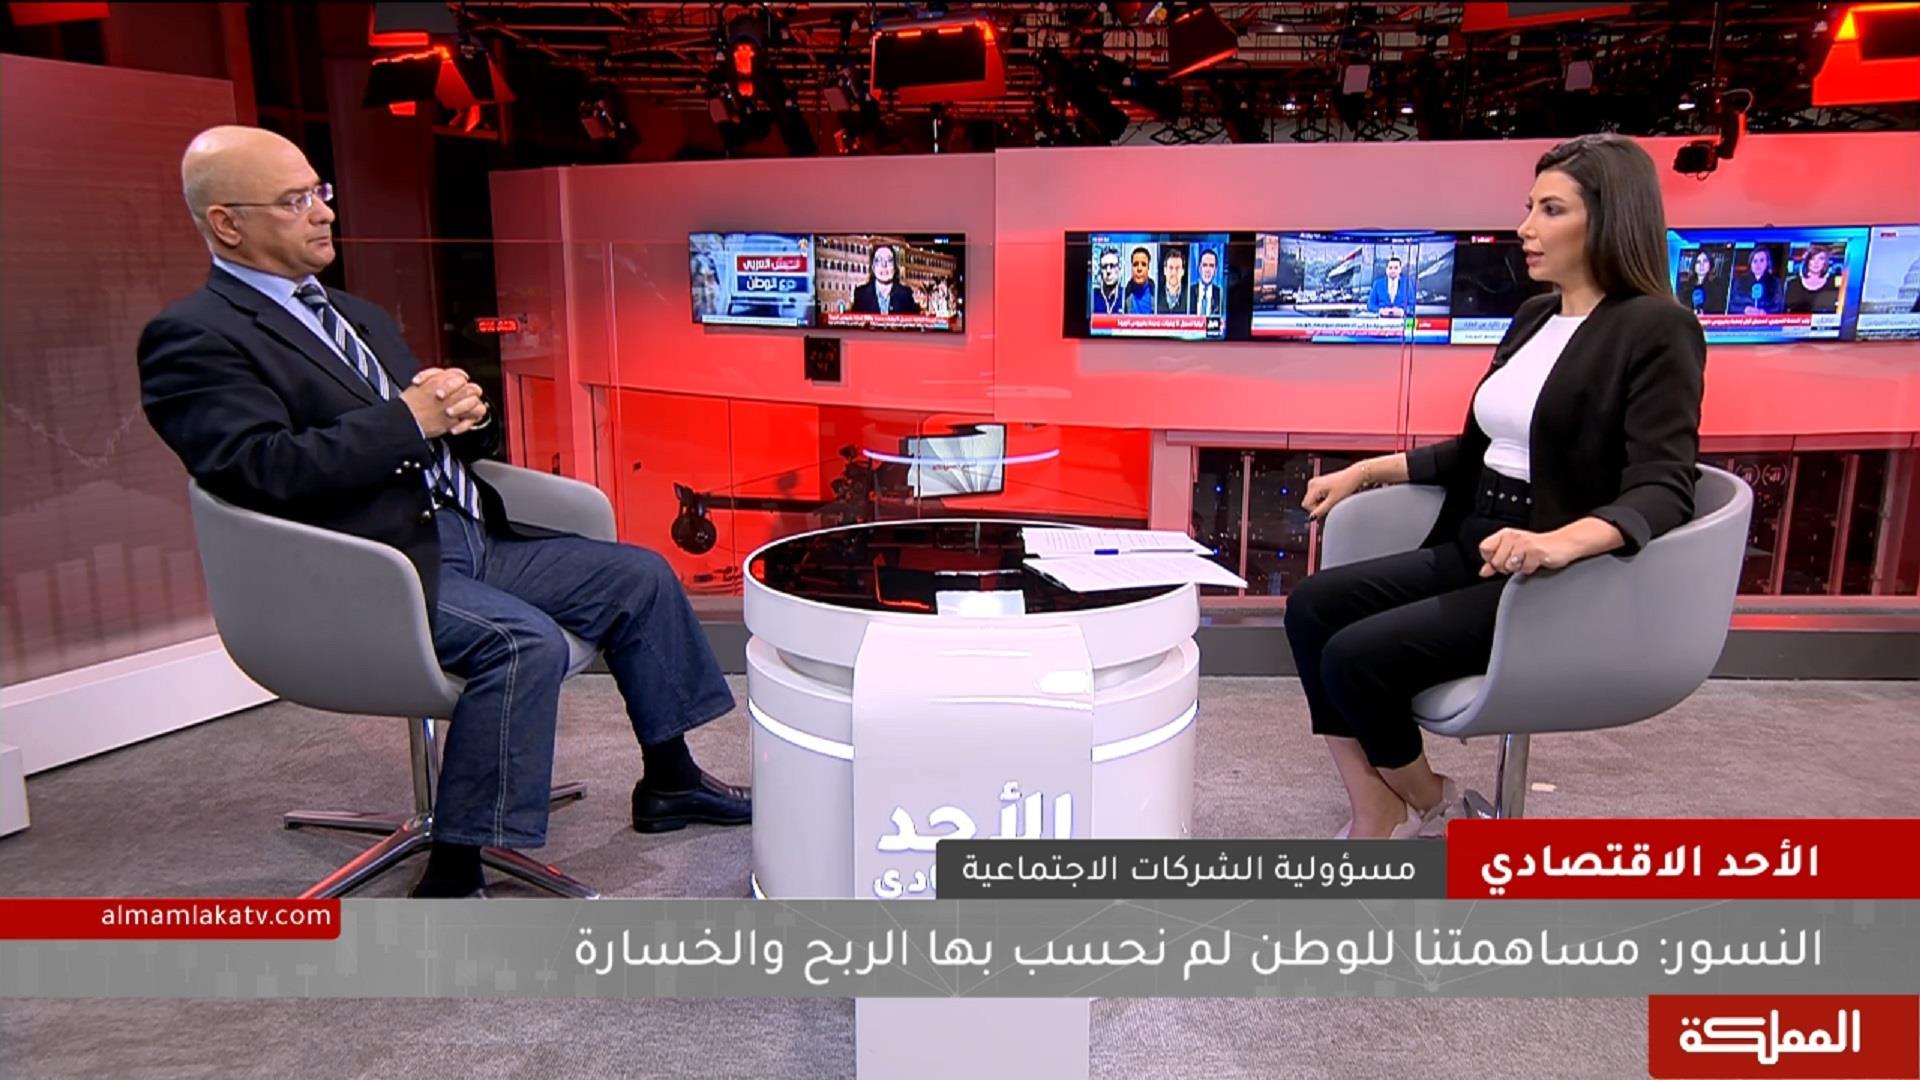 الأحد االاقتصادي | دور رأس المال في الأزمة التي يمر بها الأردن